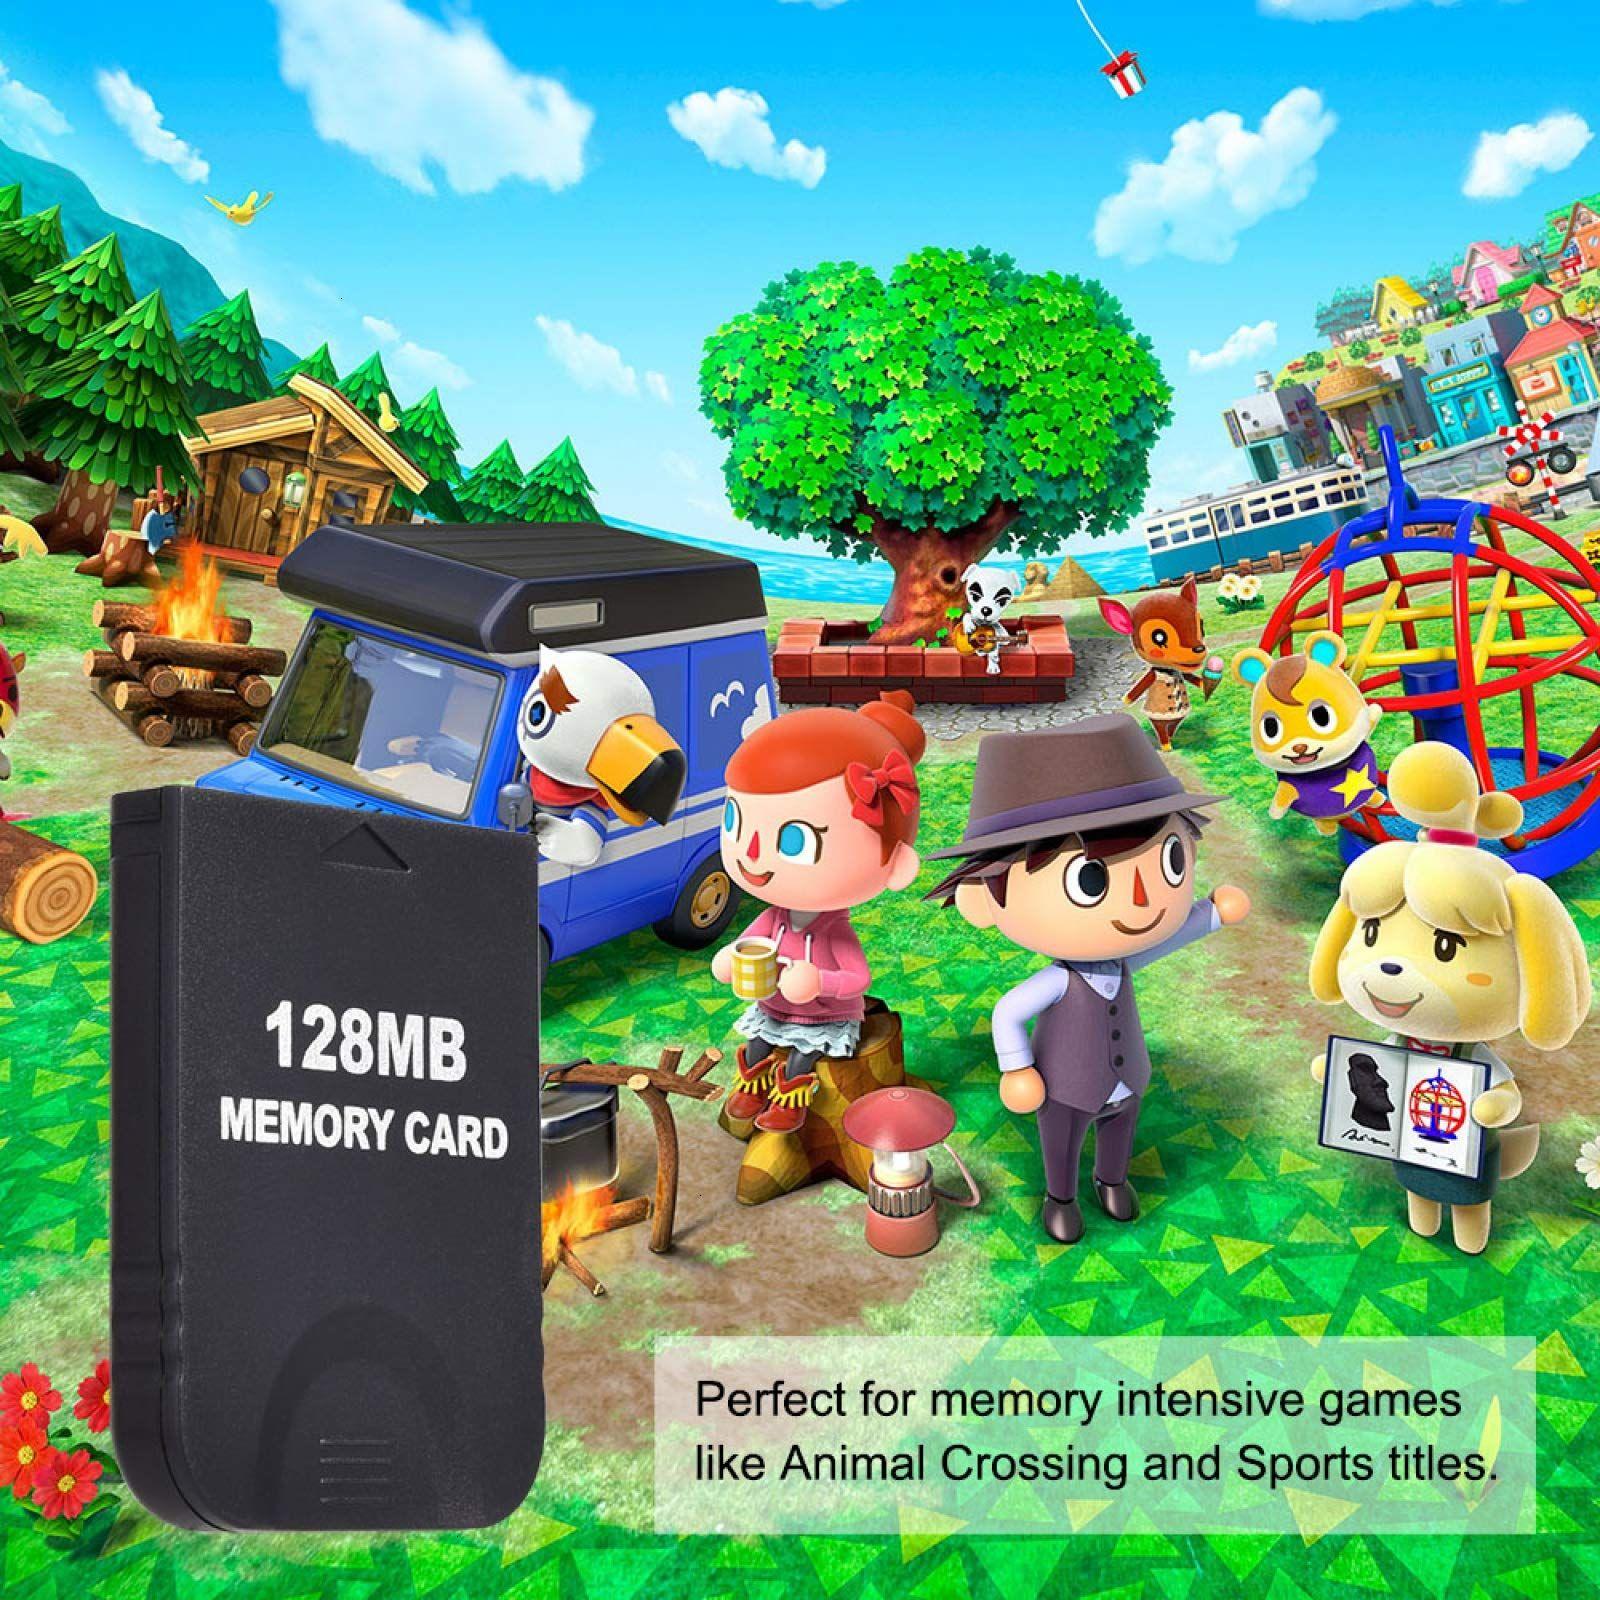 Gamecube Memory Card128MB 2048 Blocks Memory Card for